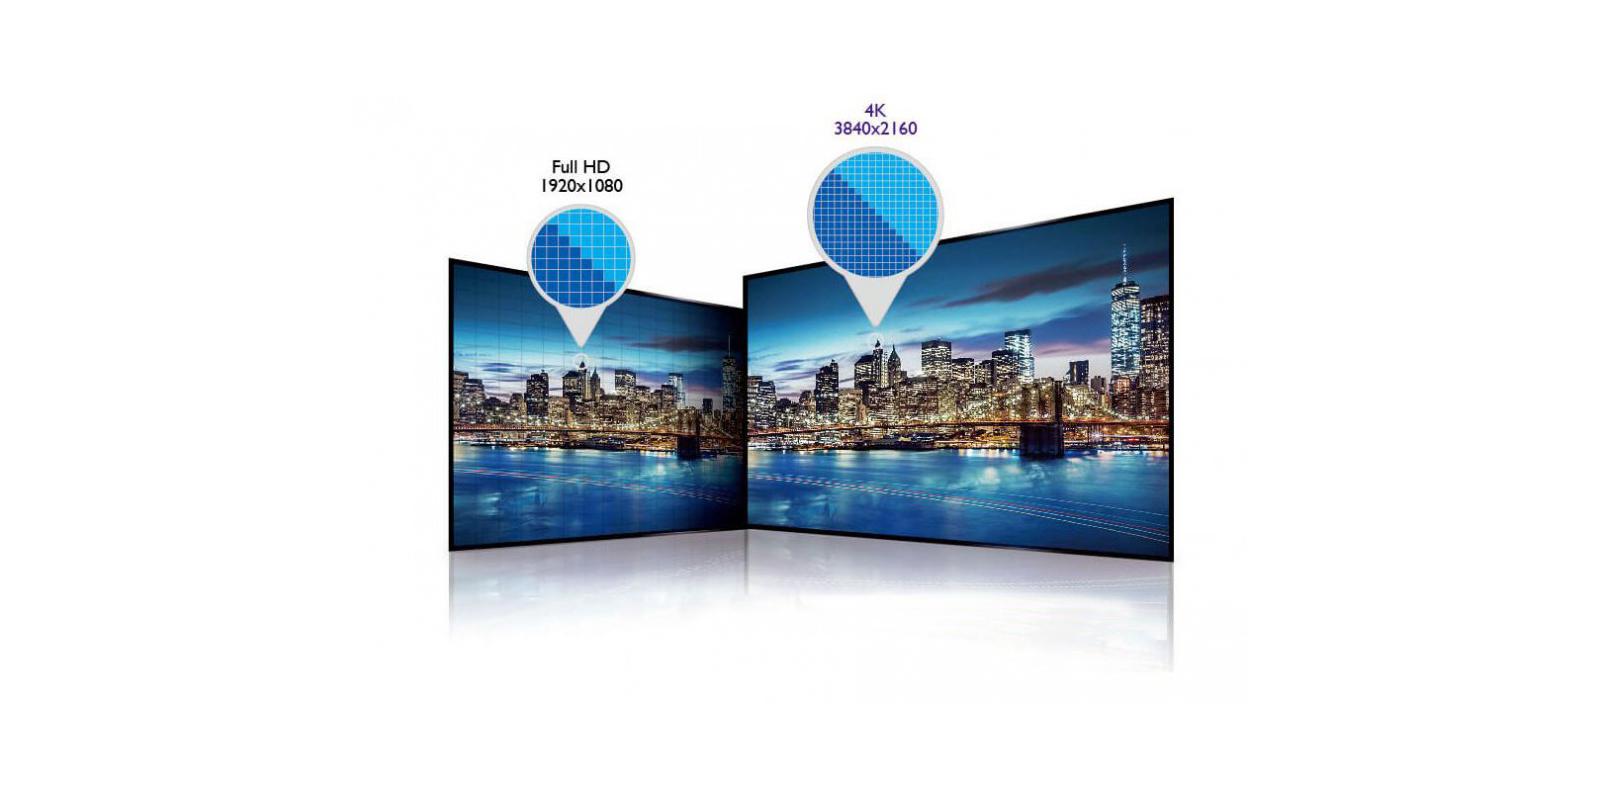 تفاوت کیفیت تصویر Full hd با 4k